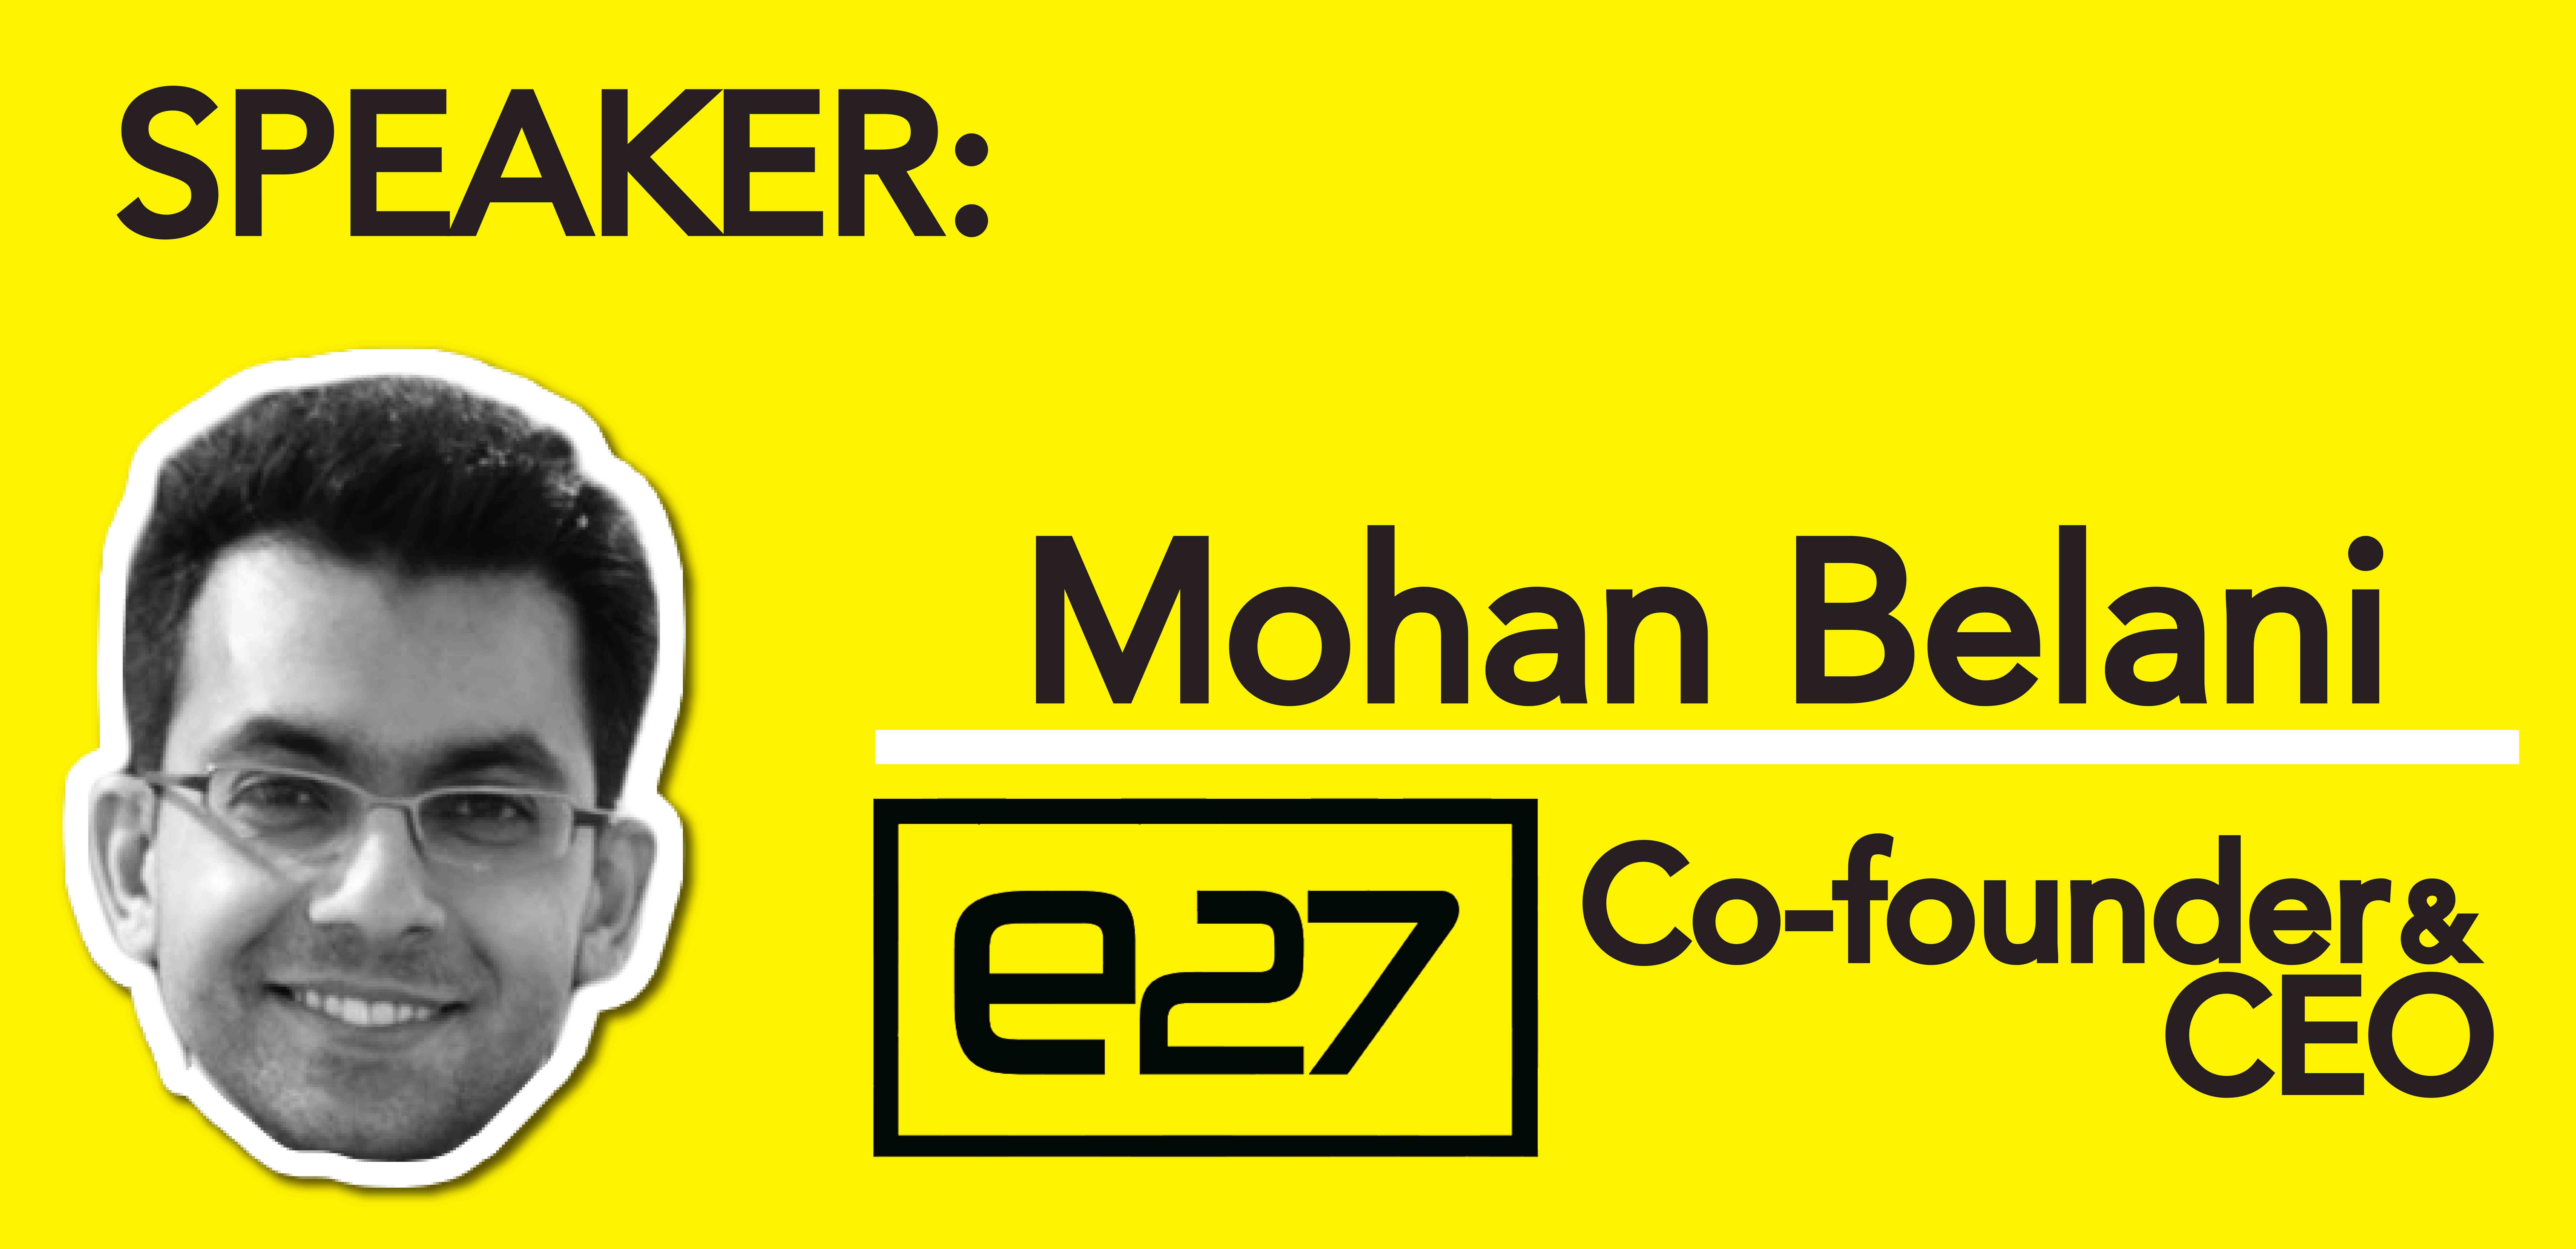 e27 CEO